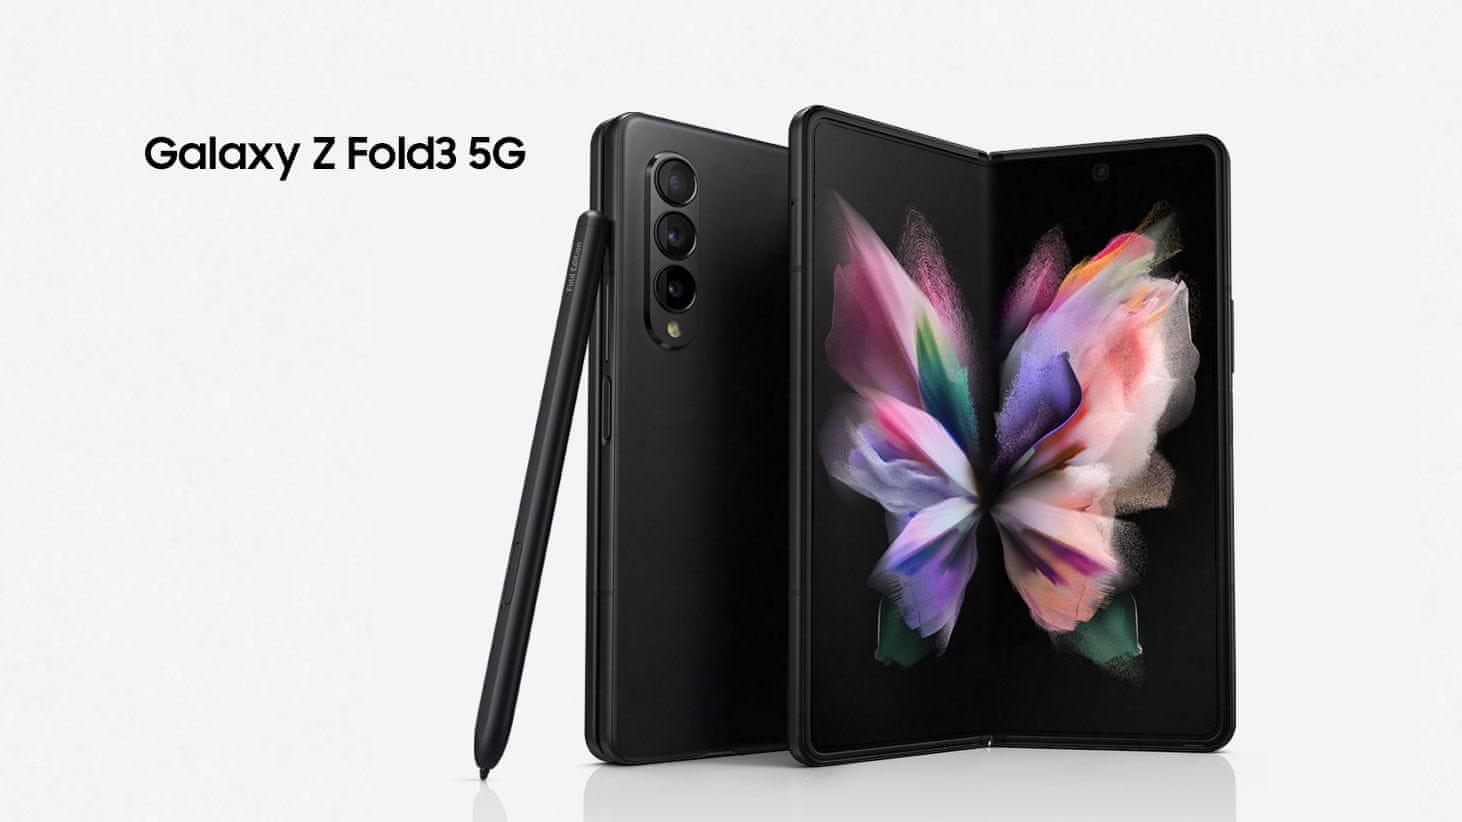 Samsung Galaxy Z Fold3 5G, telefon, vlajková loď skládací Samsung skládací konstrukce revoluční design výkonný skládací telefon jedinečný design skládací chytrý telefon ohebný chytrý telefon ohebná konstrukce